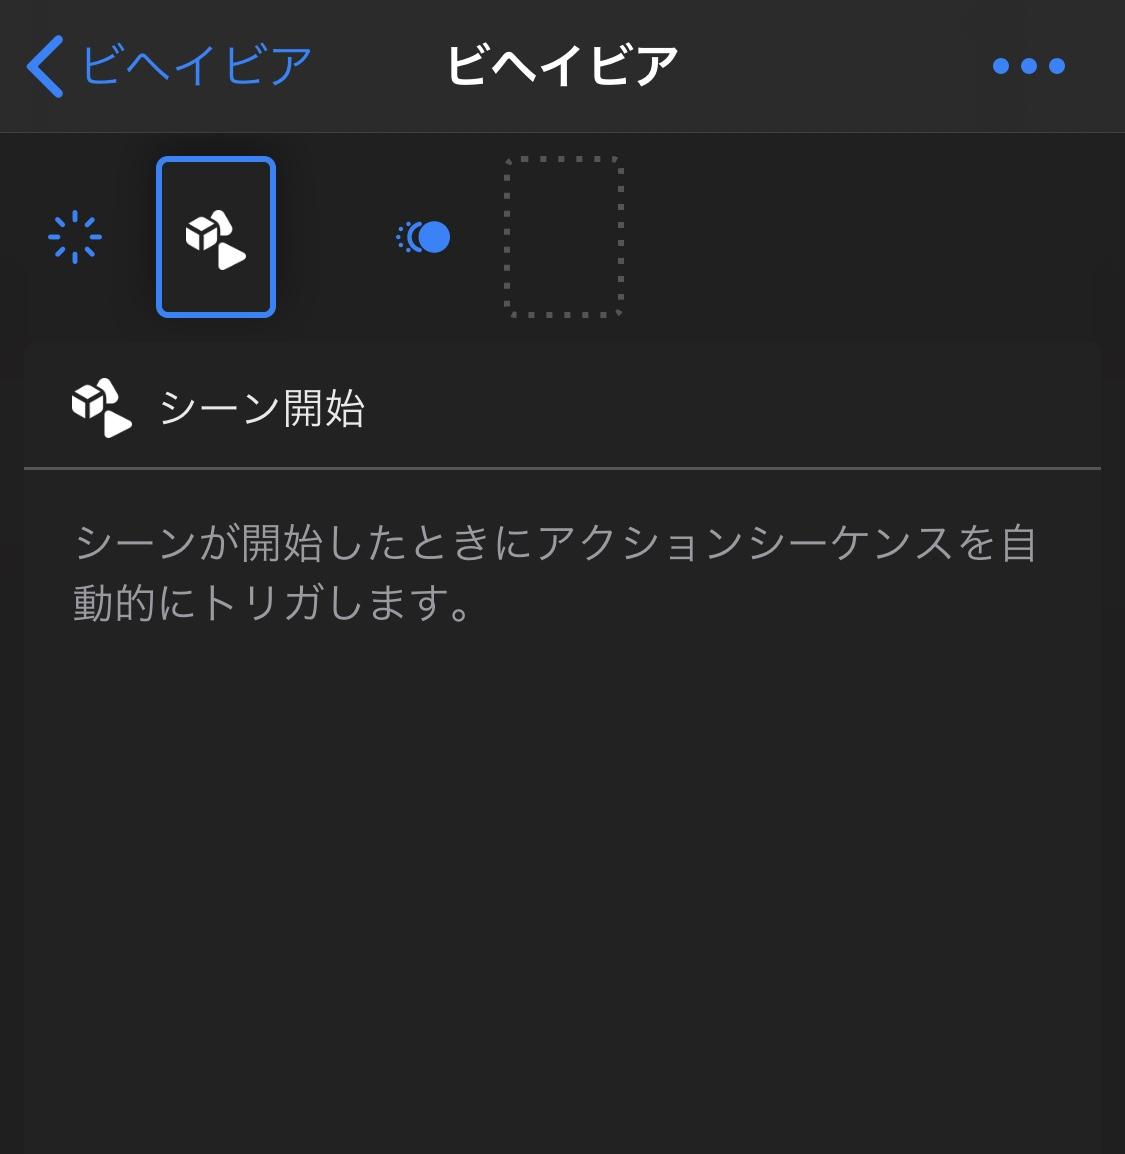 f:id:x67x6fx74x6f:20200309024409j:plain